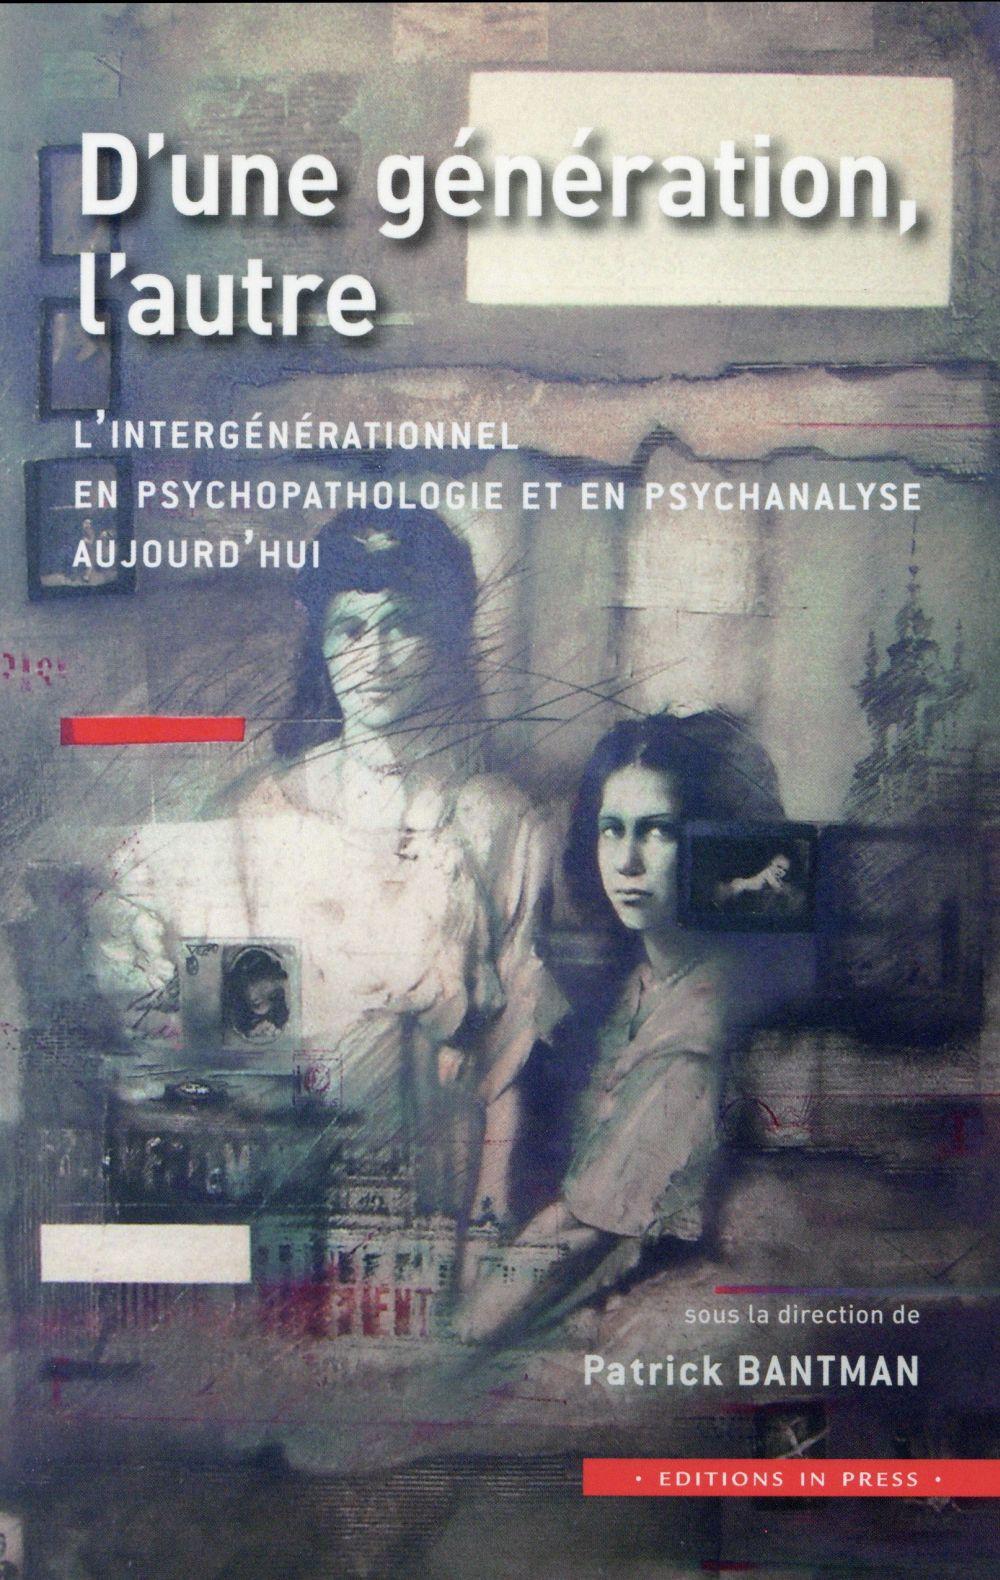 D'une génération, l'autre ; l'intergénérationnel en psychopathologie aujourd'hui